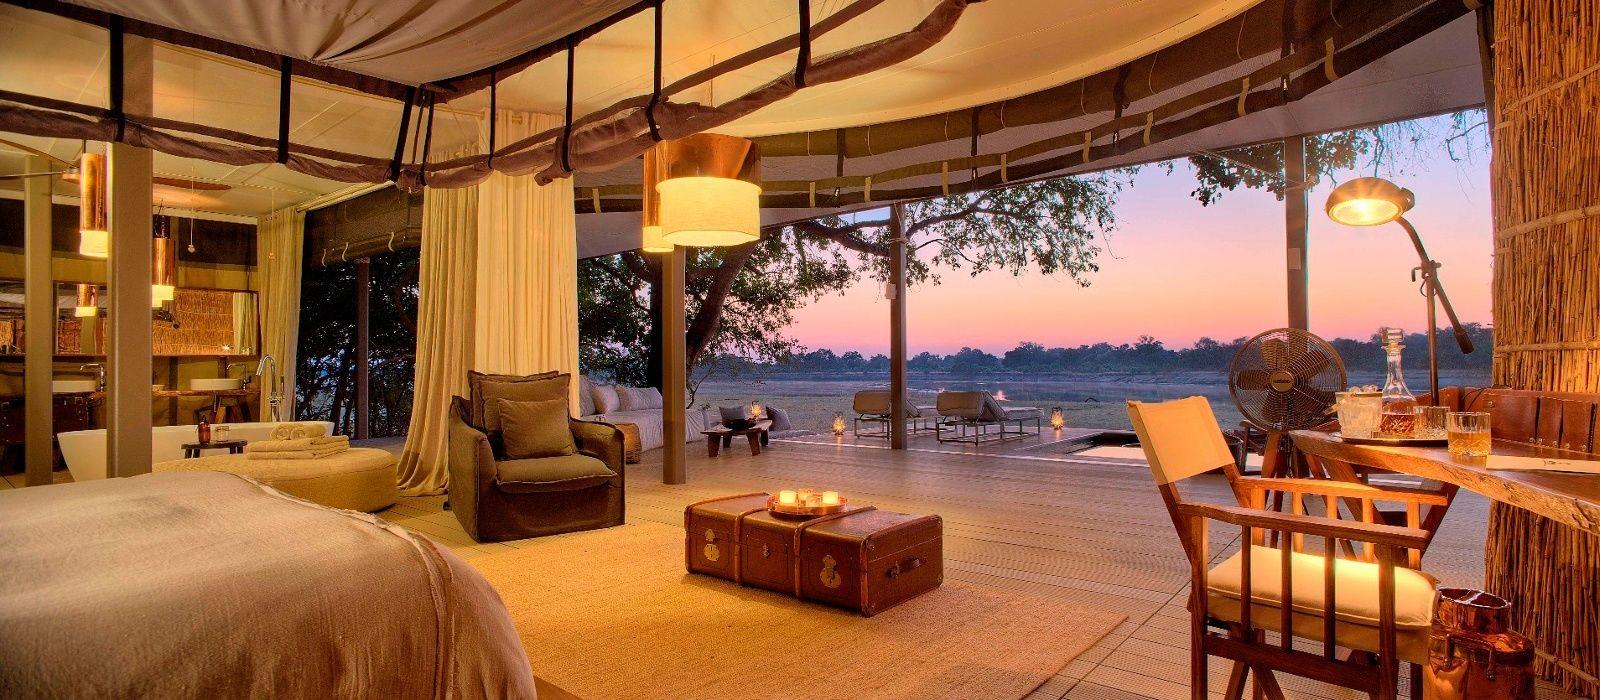 Hotel Chinzombo Lodge Zambia